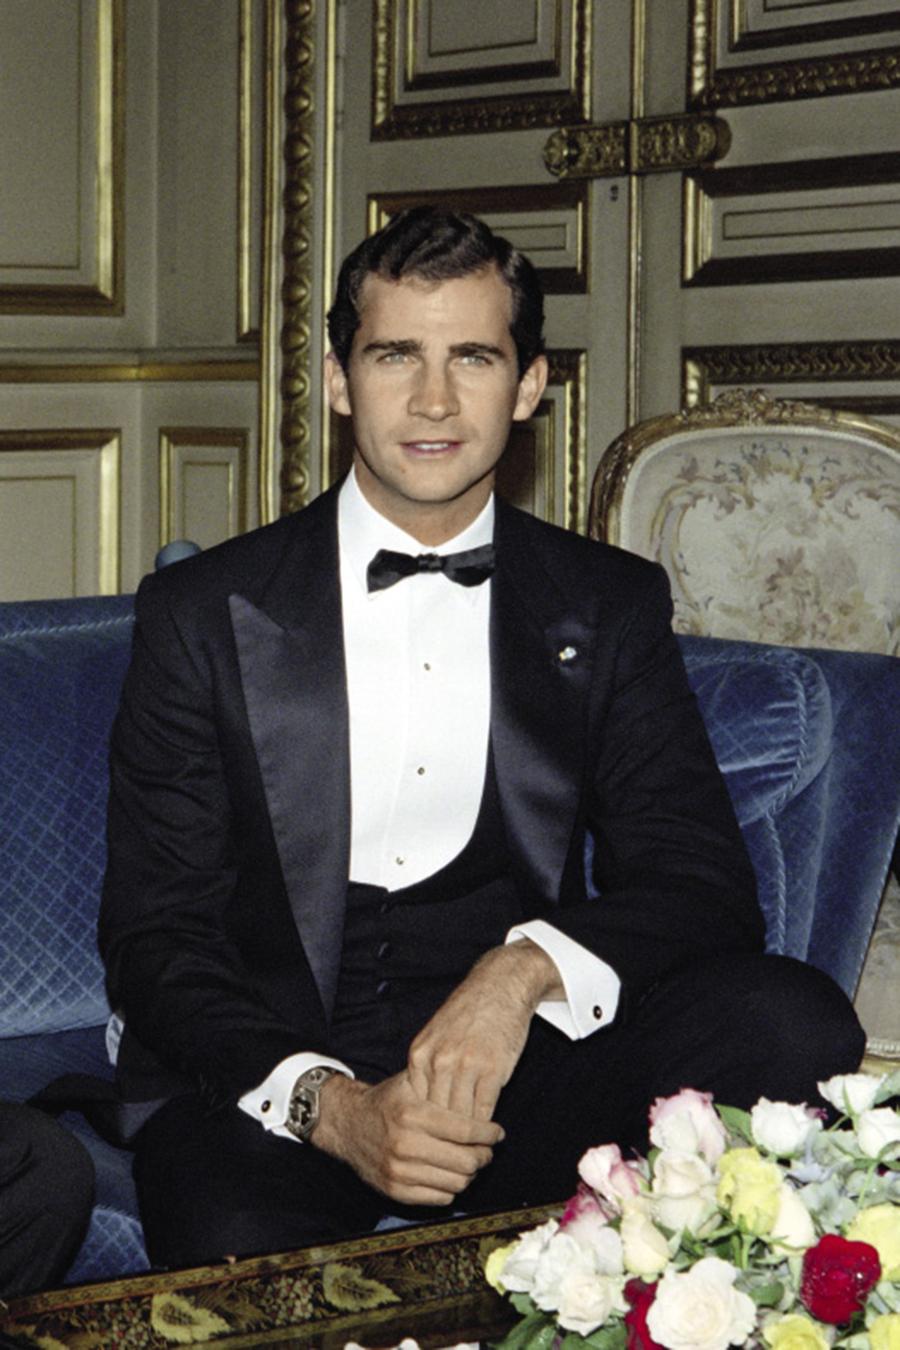 королева летиция король фелипе день рождения испанская королевская семья